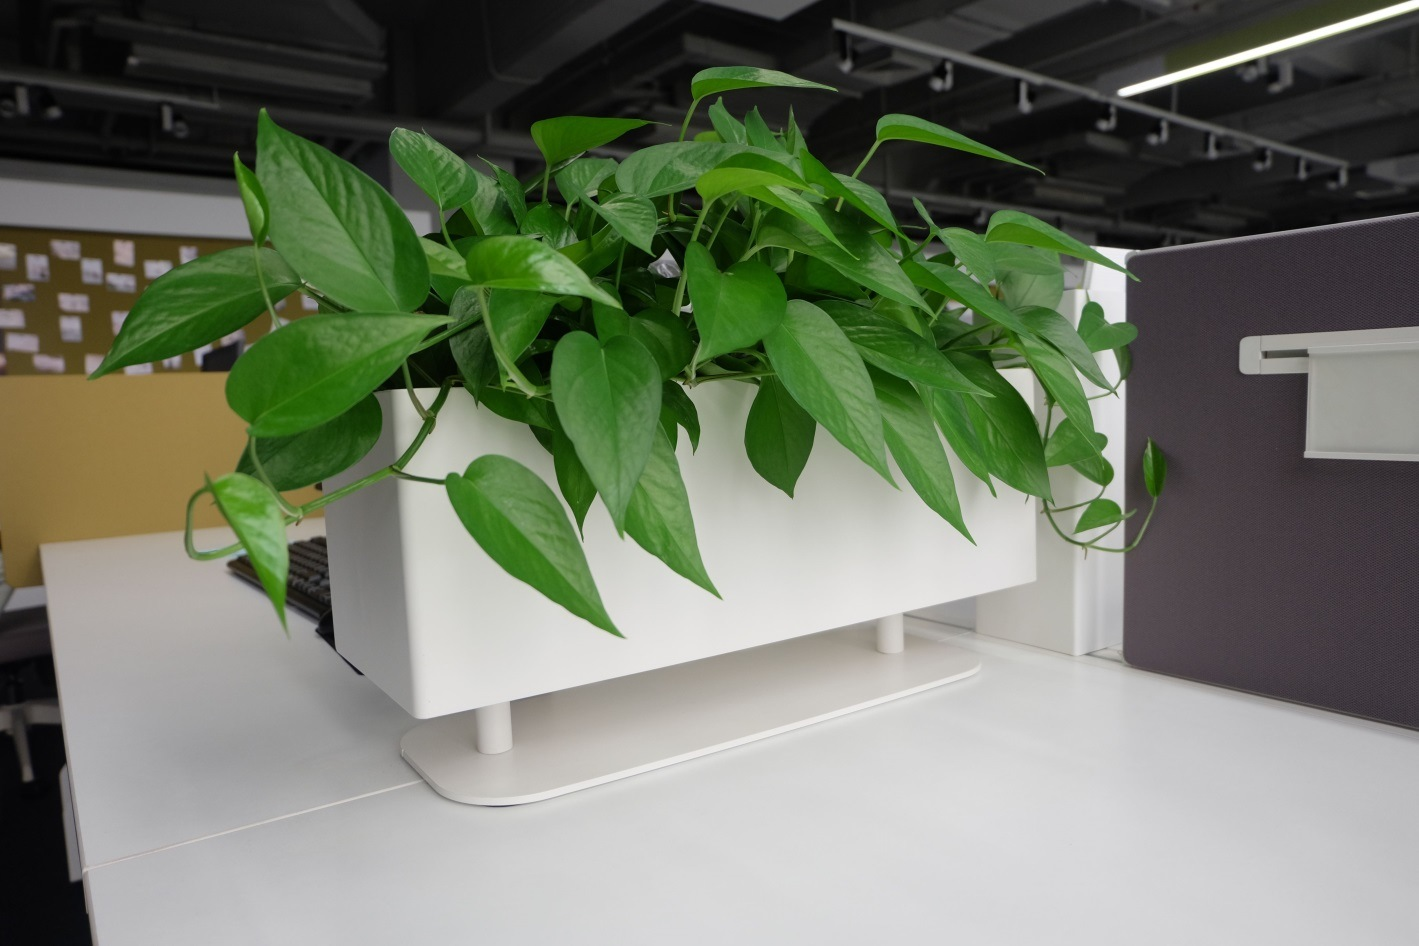 Uispair 100% Steel Square Desktop Flower Pot Garden Planter for Office Garden Hotel Decoration